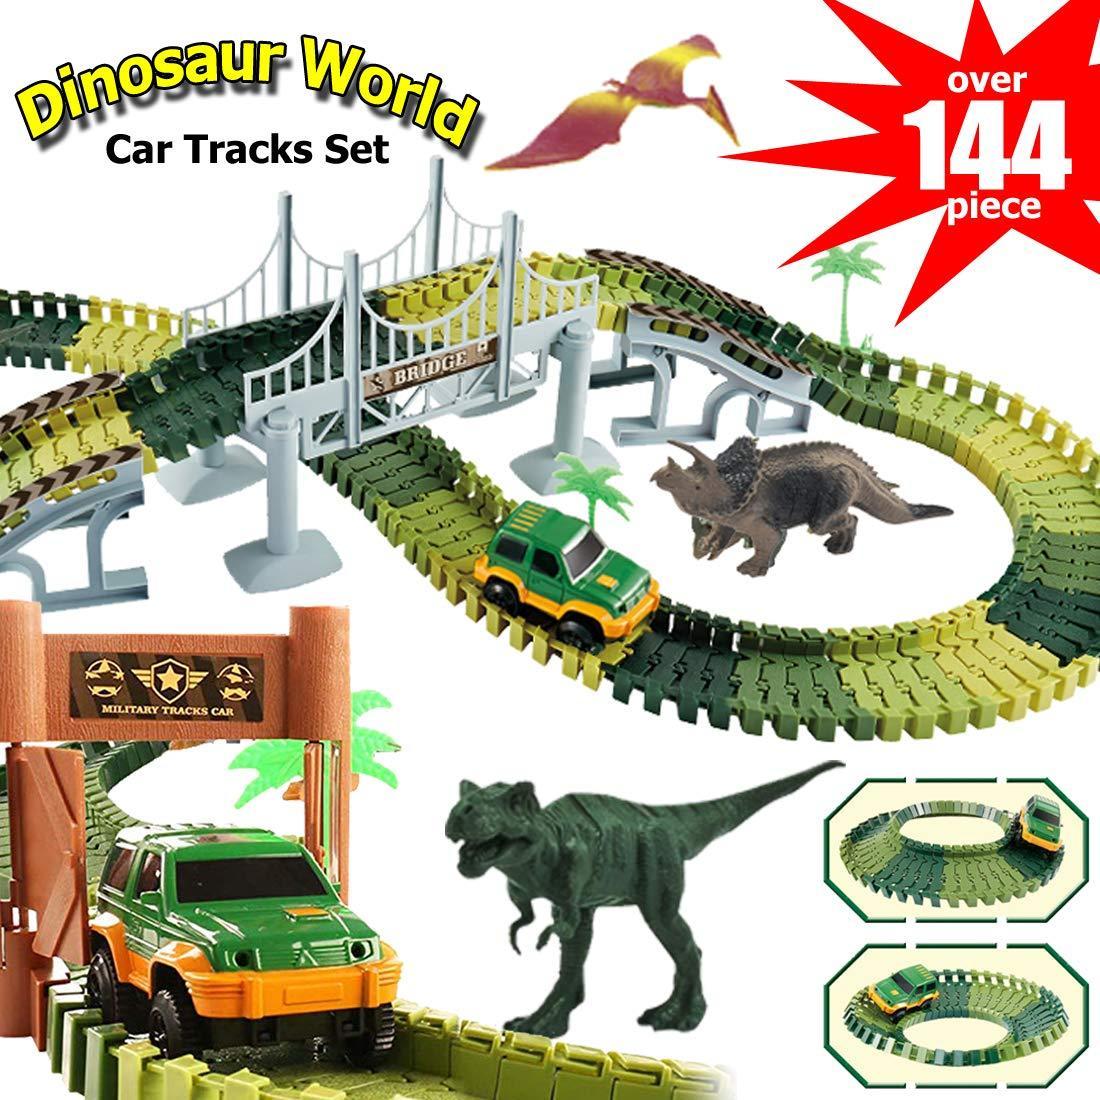 Автотрек з Динозаврами 2 метри і металевої машинкою. Диноленд Автомобільний трек